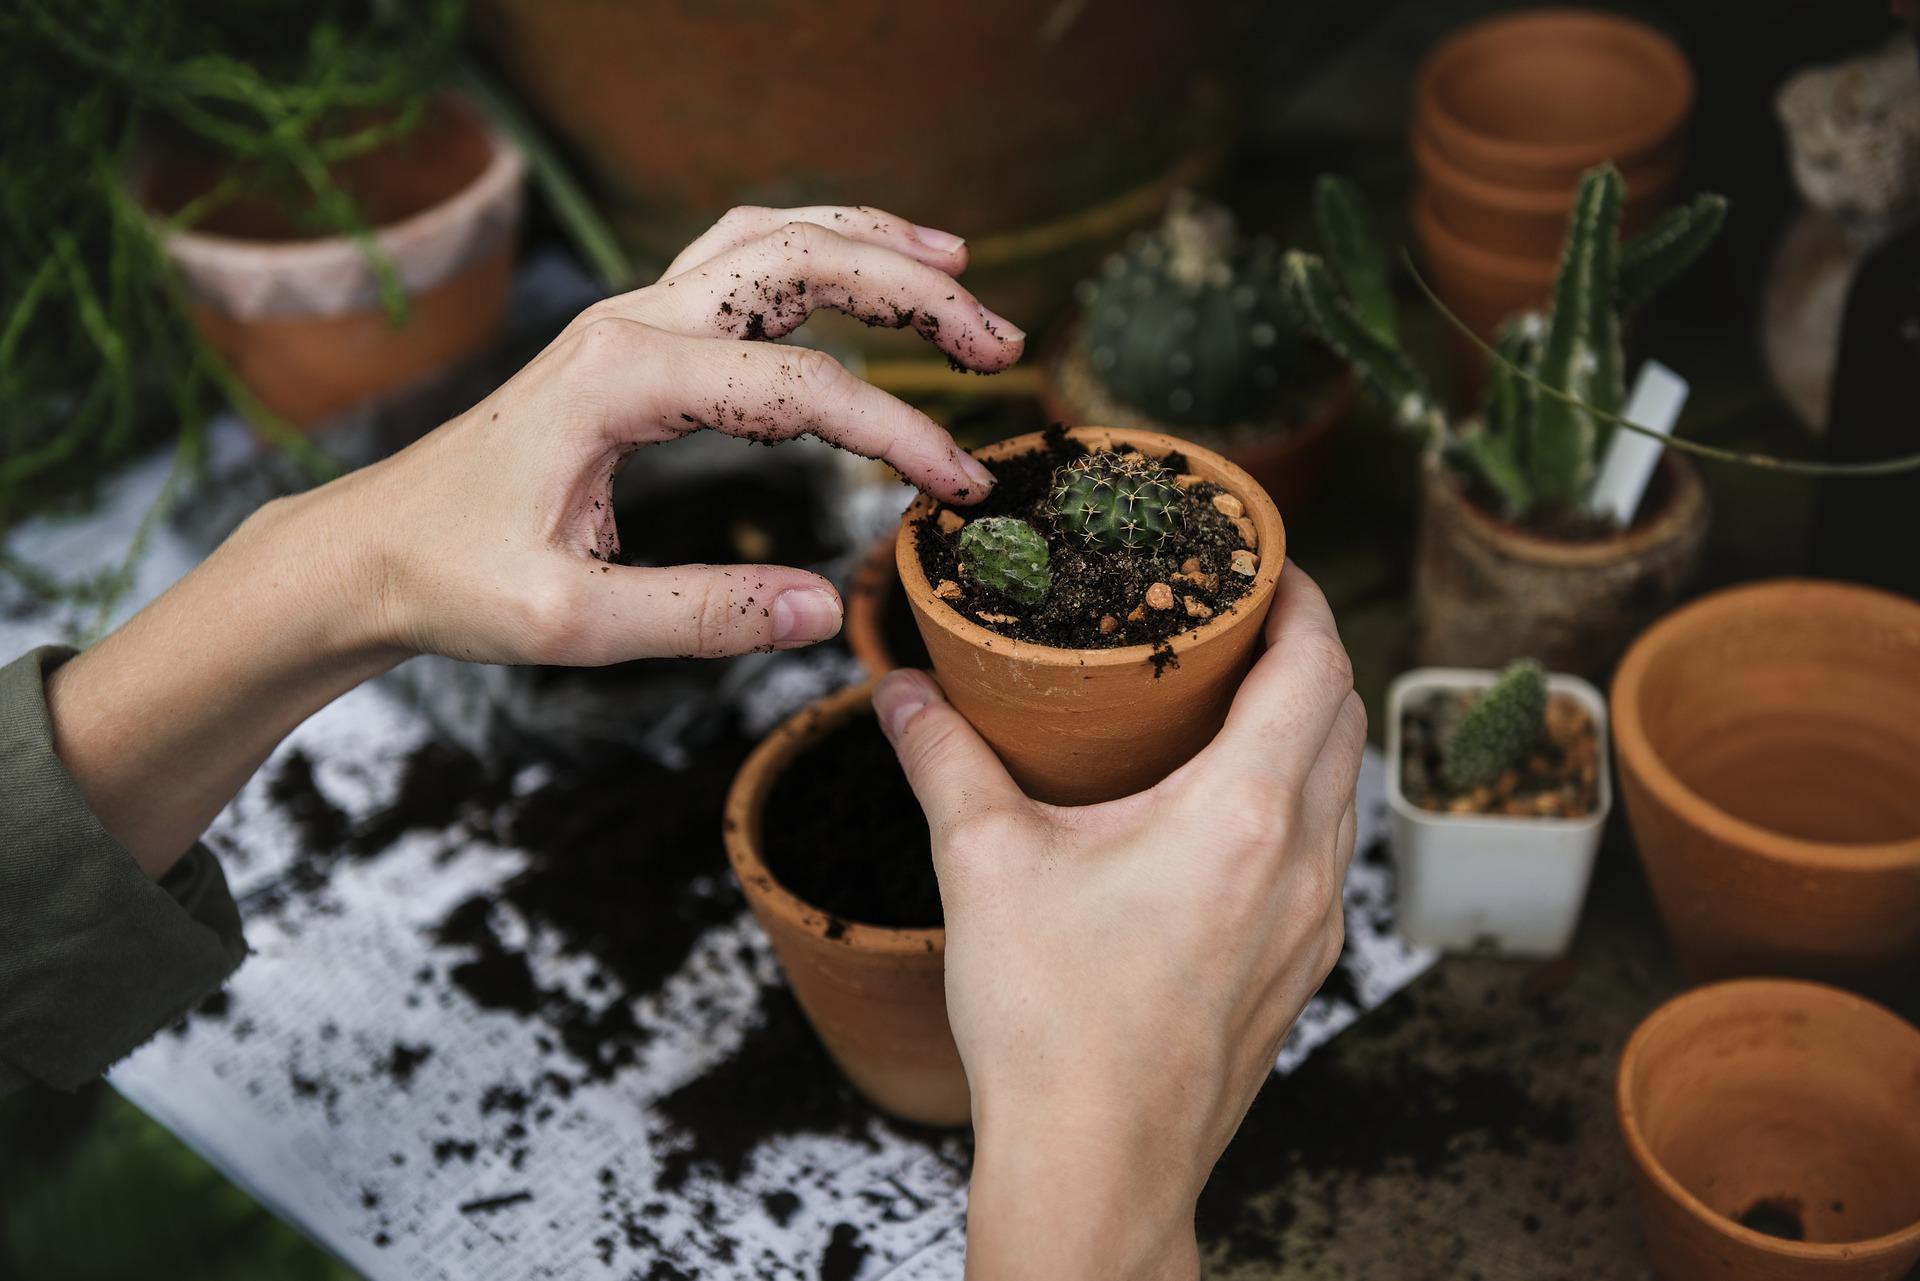 Plante de apartament - sfatulparinitlor.ro - pixabay_com - ecology-2985781_1920